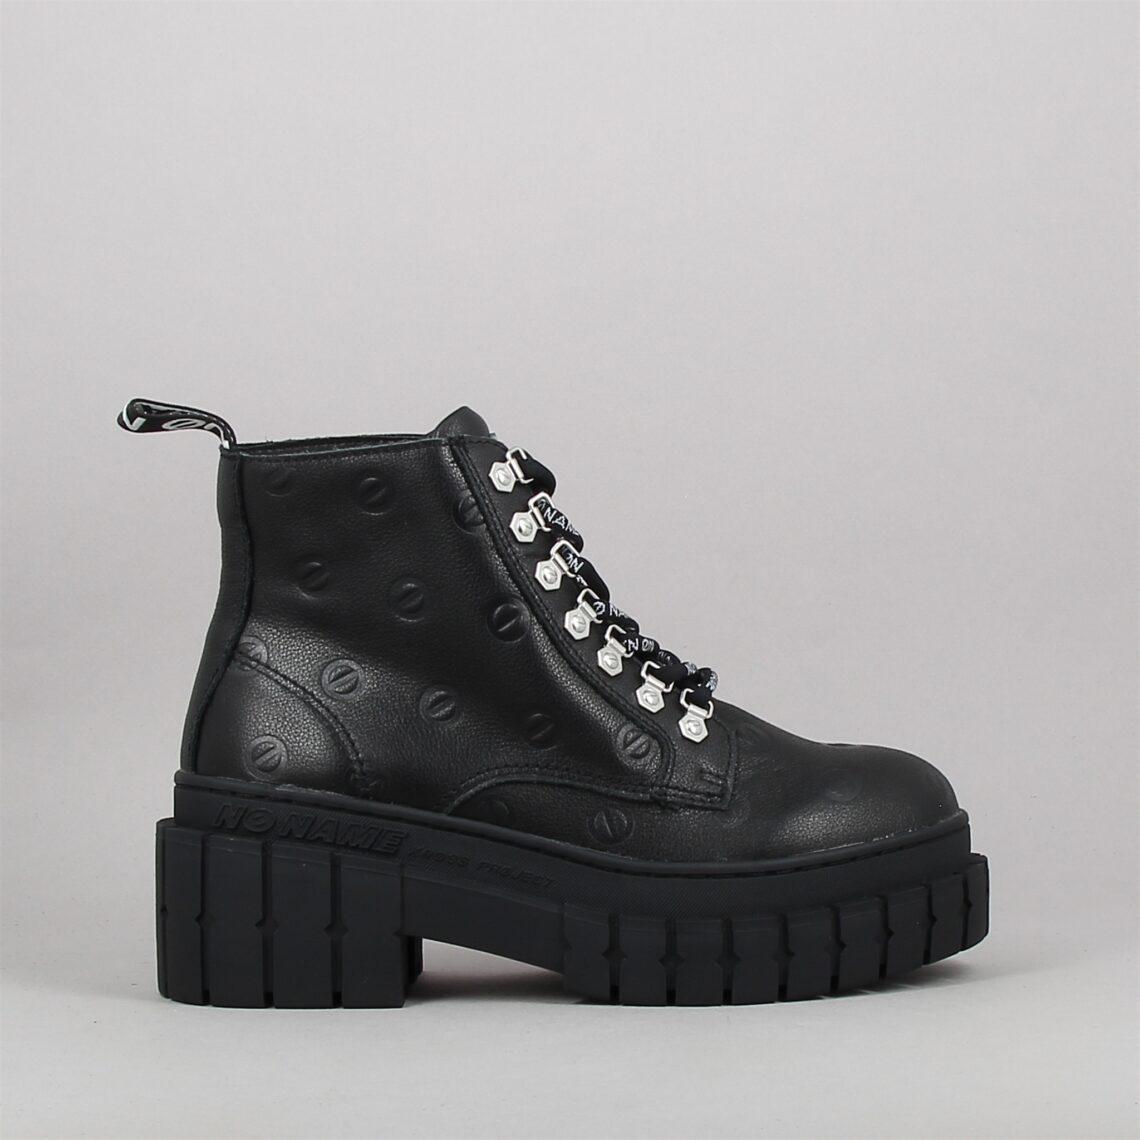 kross low boots